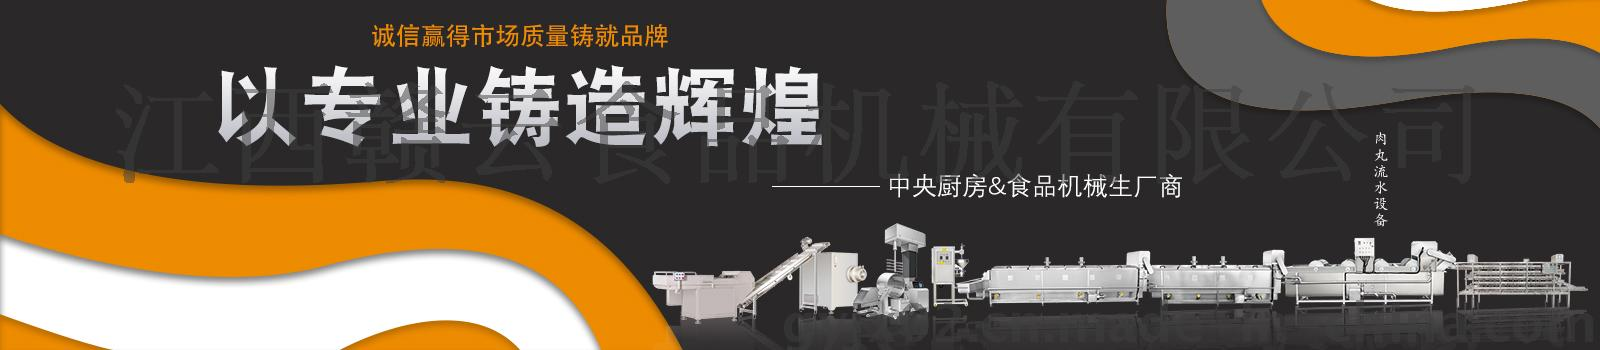 江西赣云食品机械有限公司